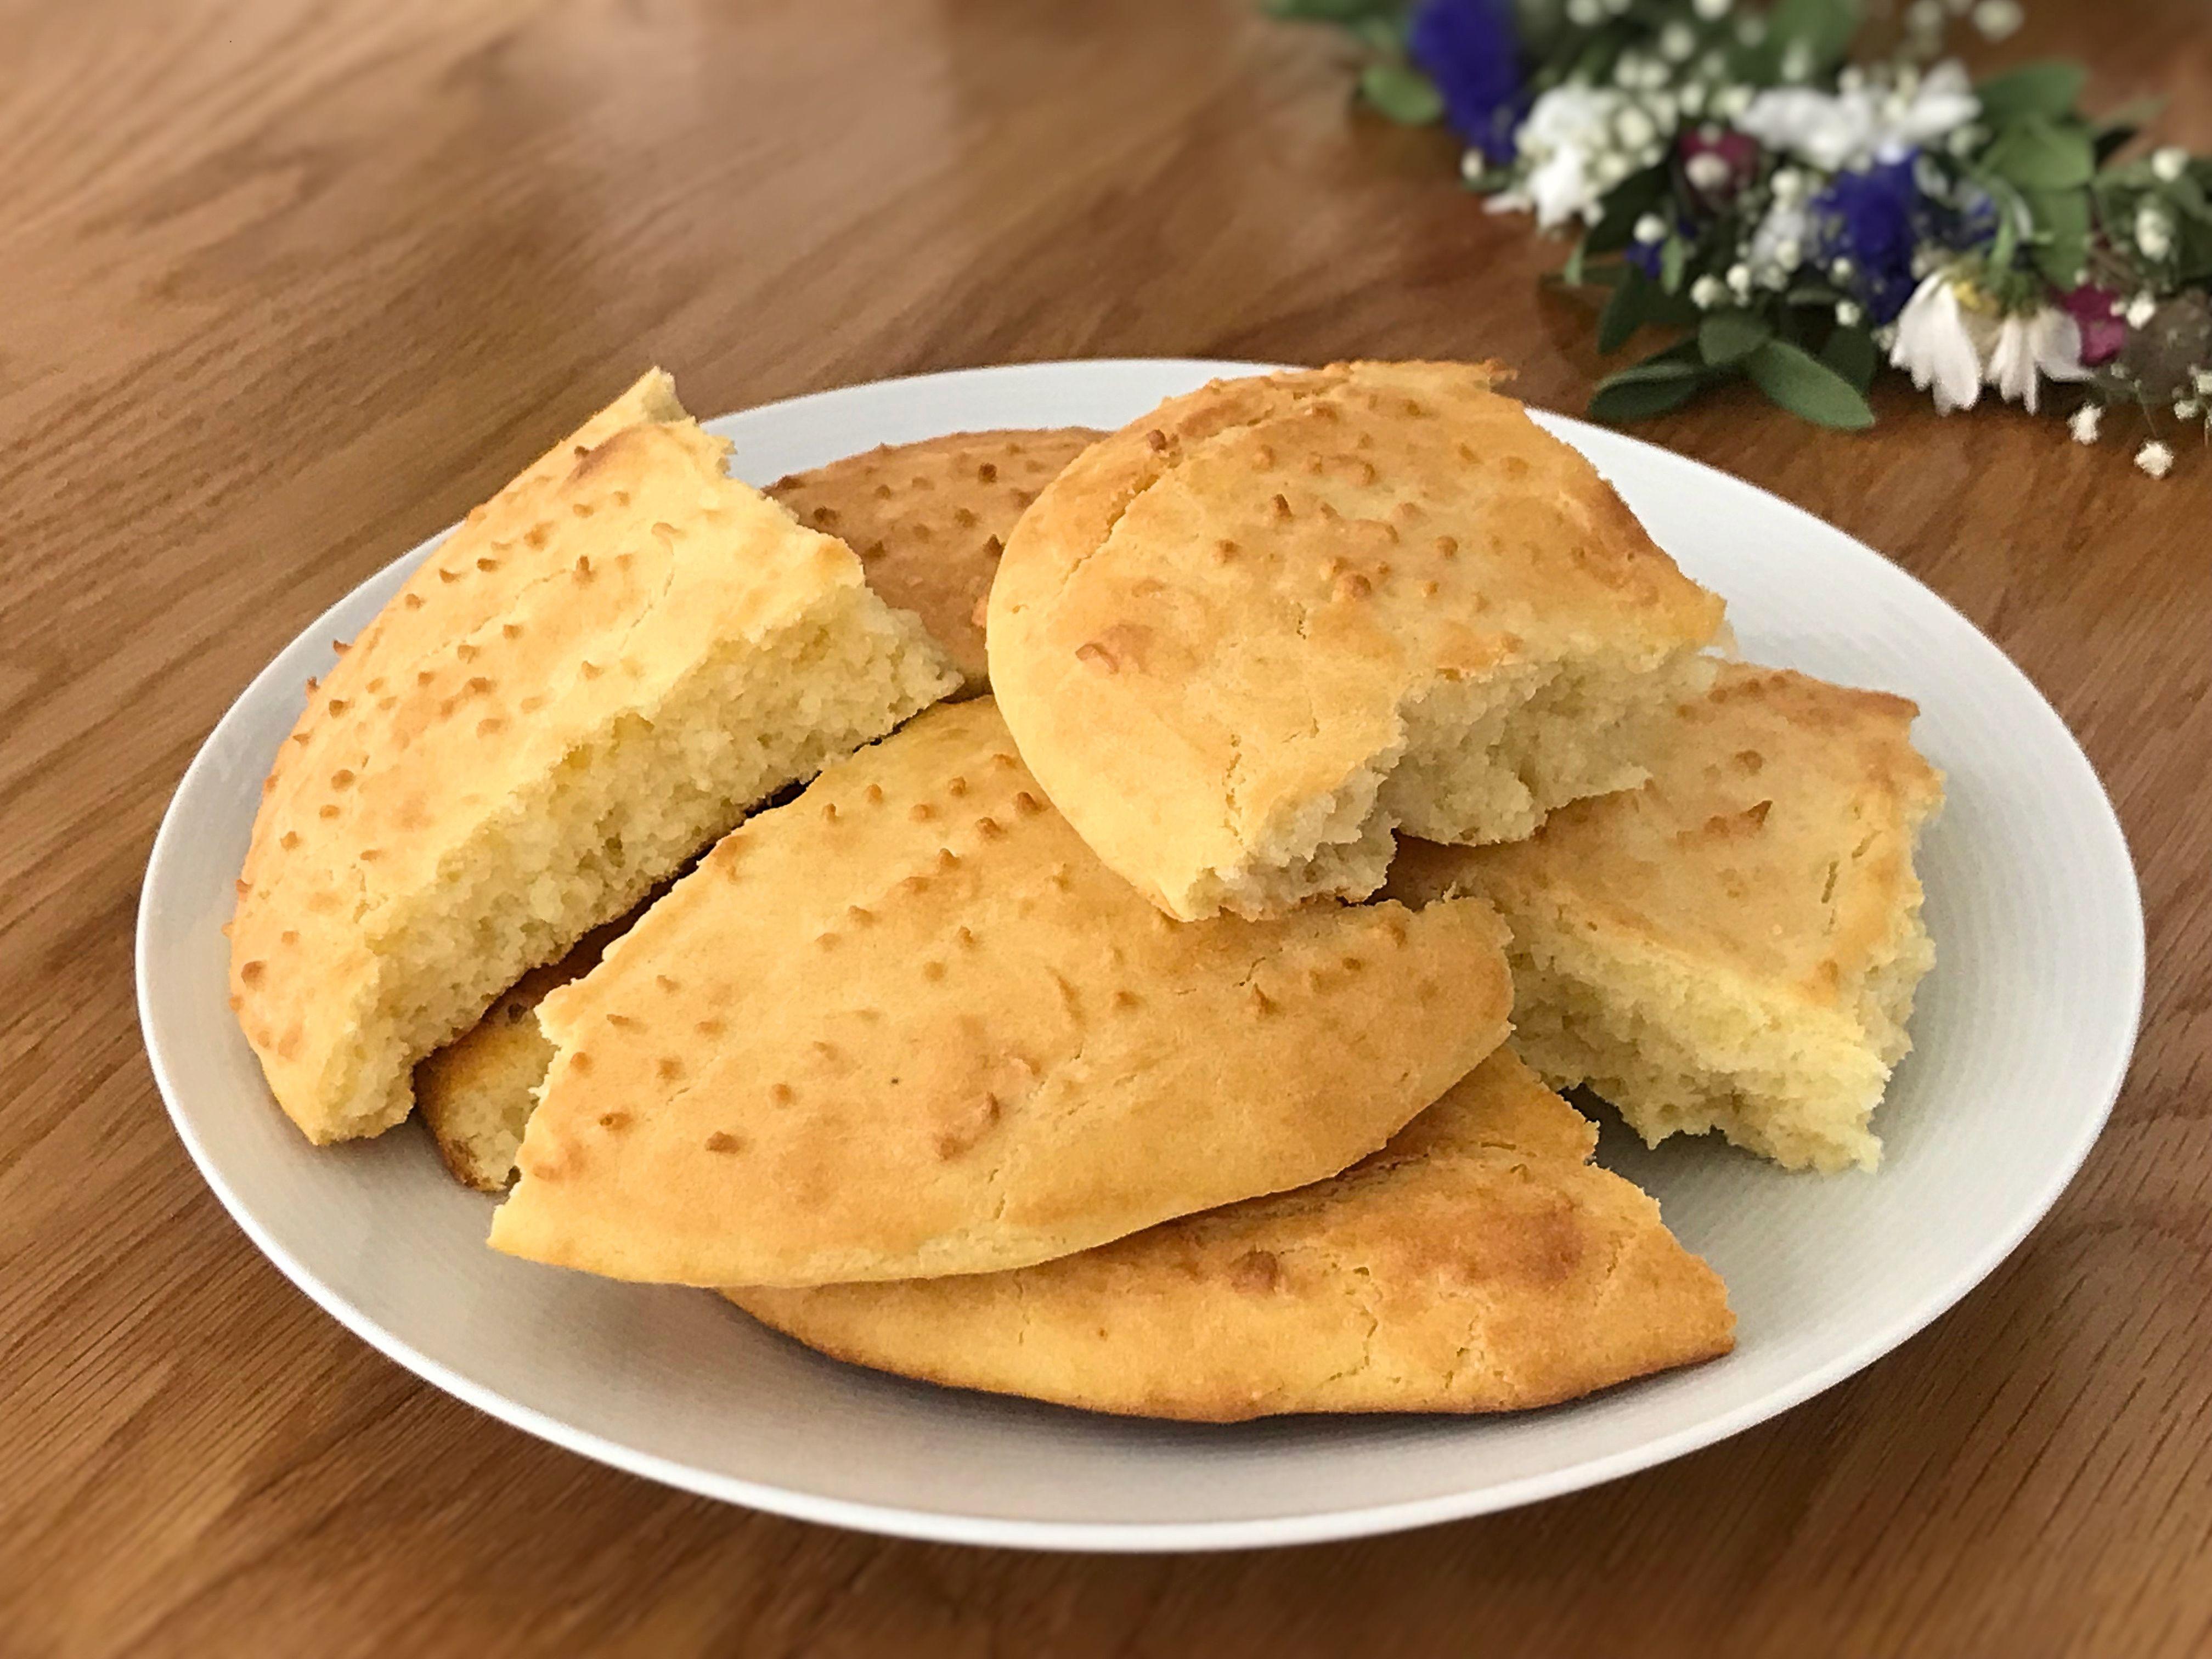 glutenfria kakor med majsmjöl